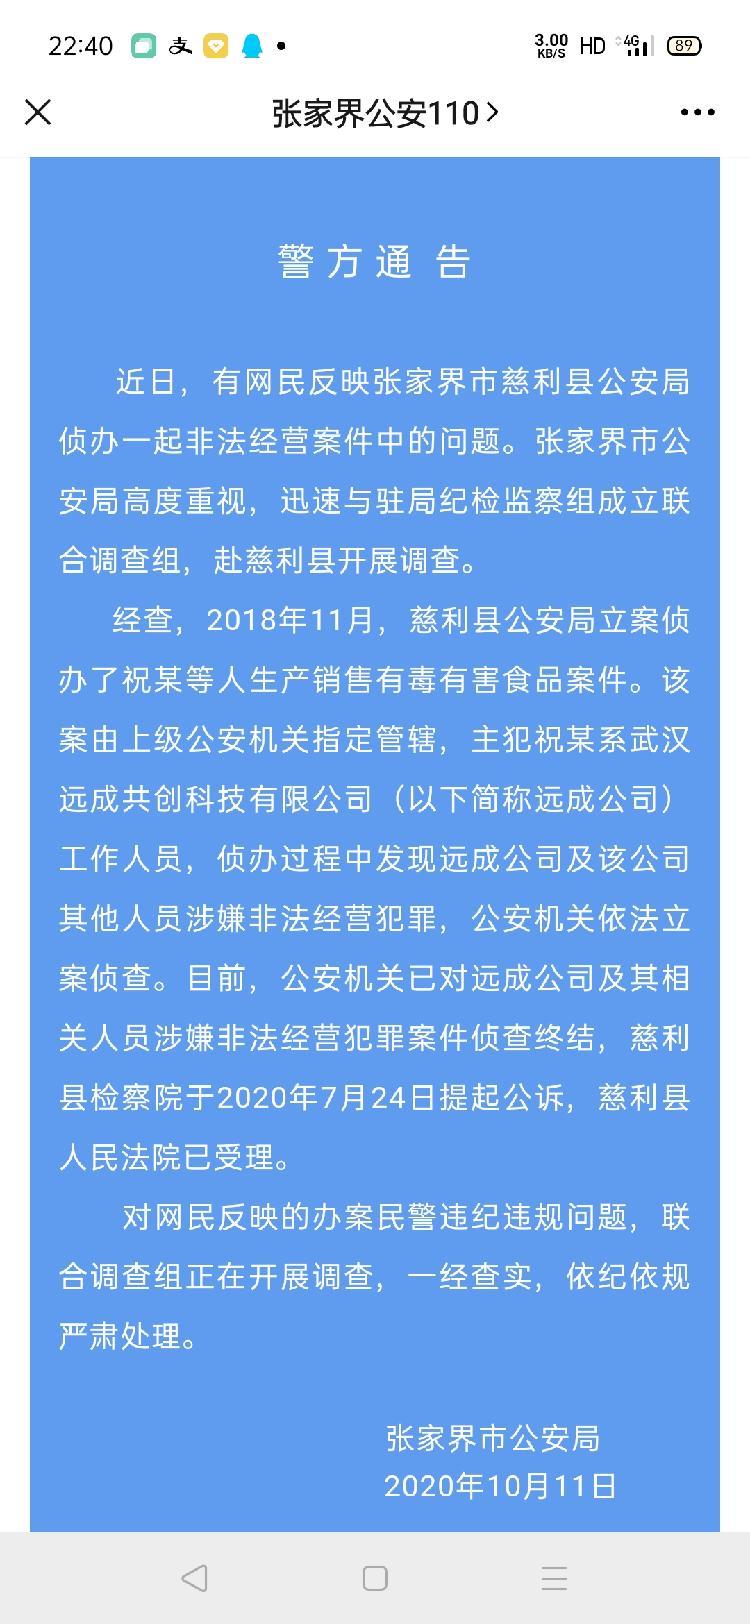 10月11日,张家界公安局针对此事发布通告